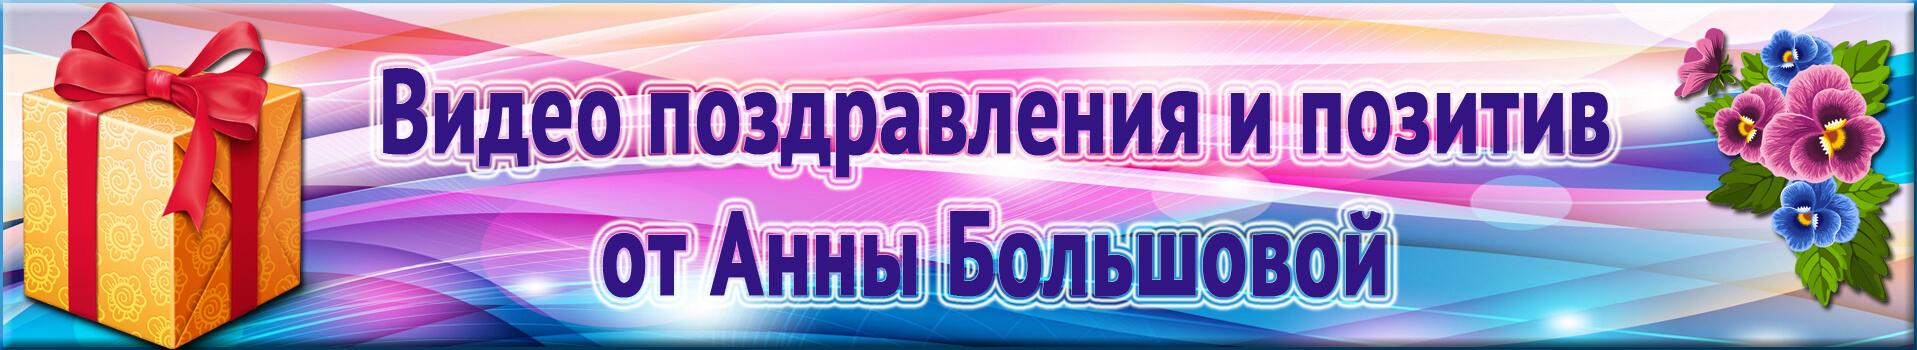 Видео поздравления и Позитив от Анны Большовой